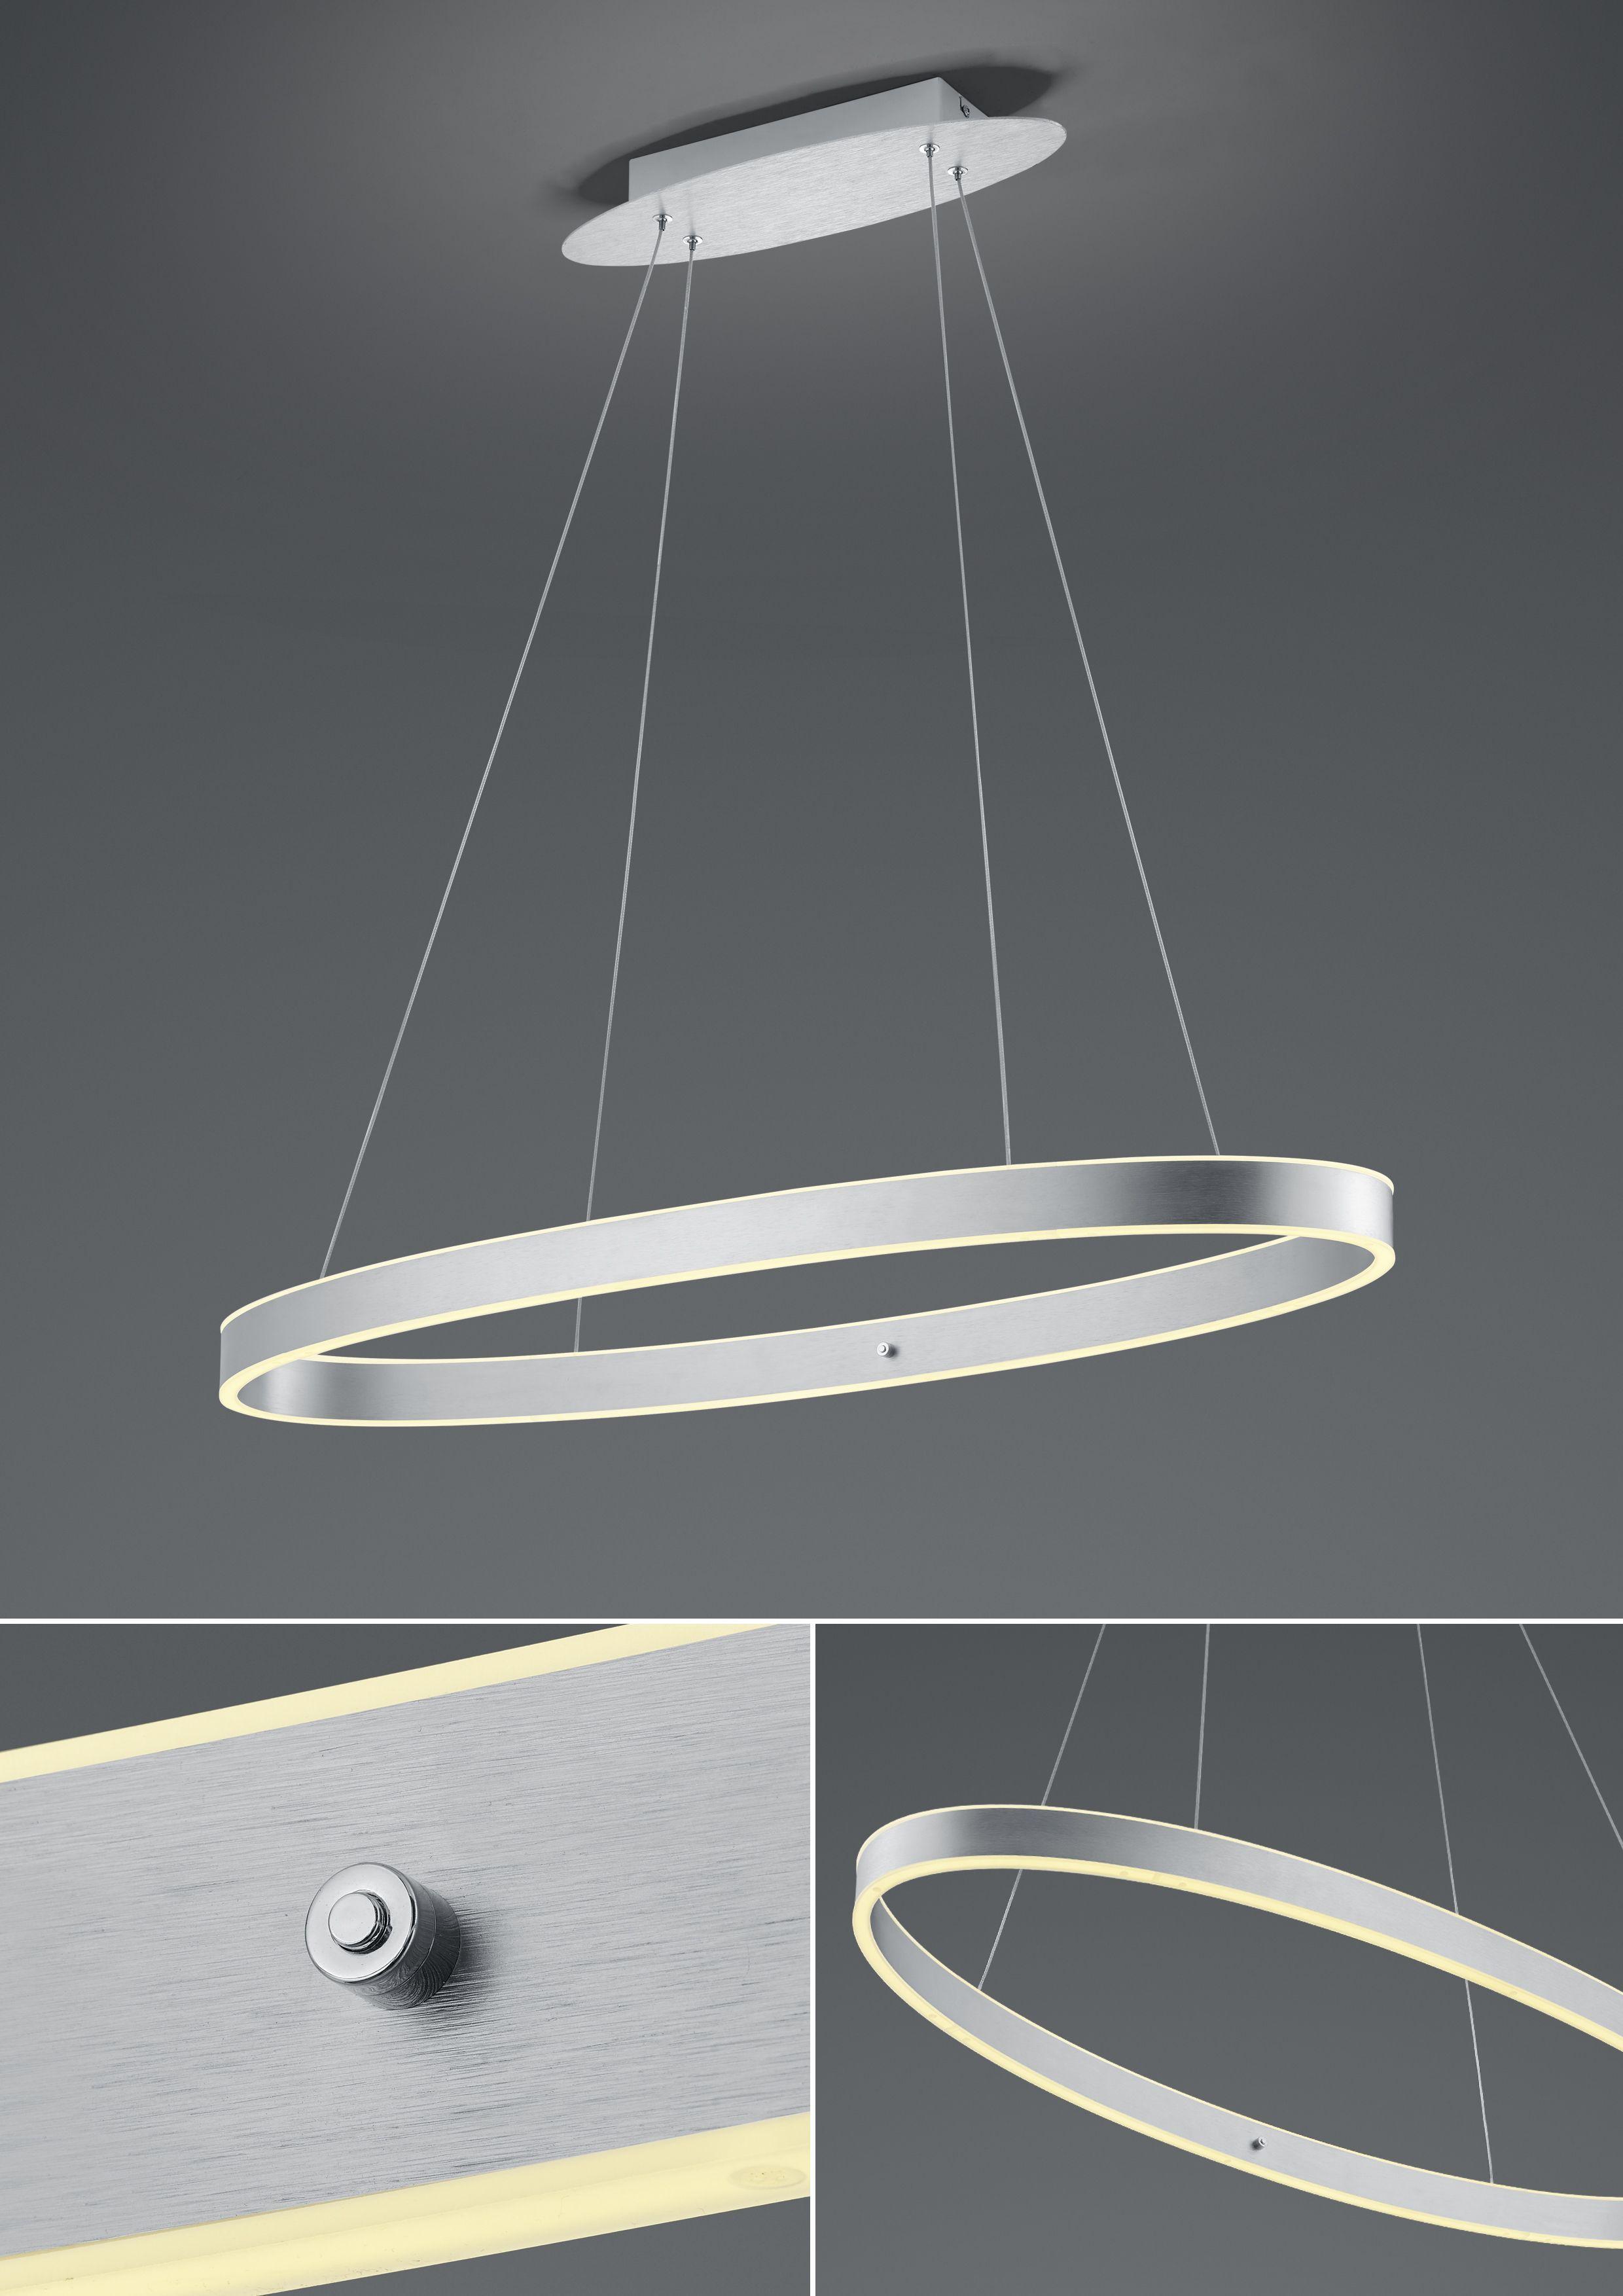 LED Pendelleuchte Delta von B-Leuchten